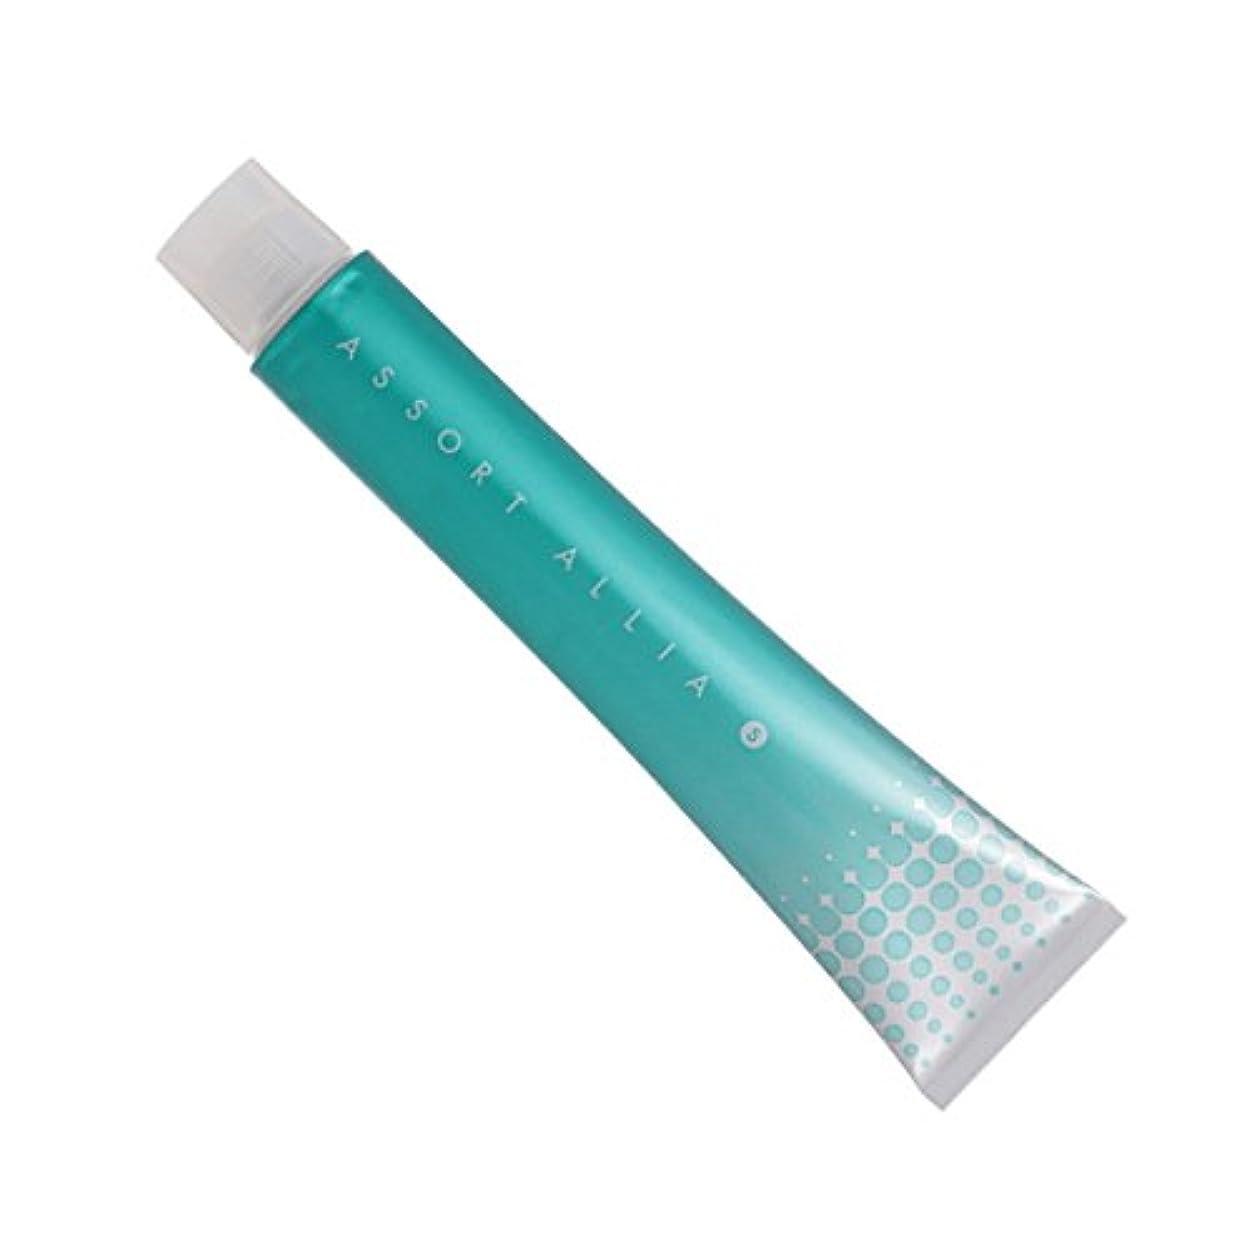 そっとプレフィックスドメインデミ アソートアリアS サンドベージュ 80g(カラー1剤) 12/11SaB